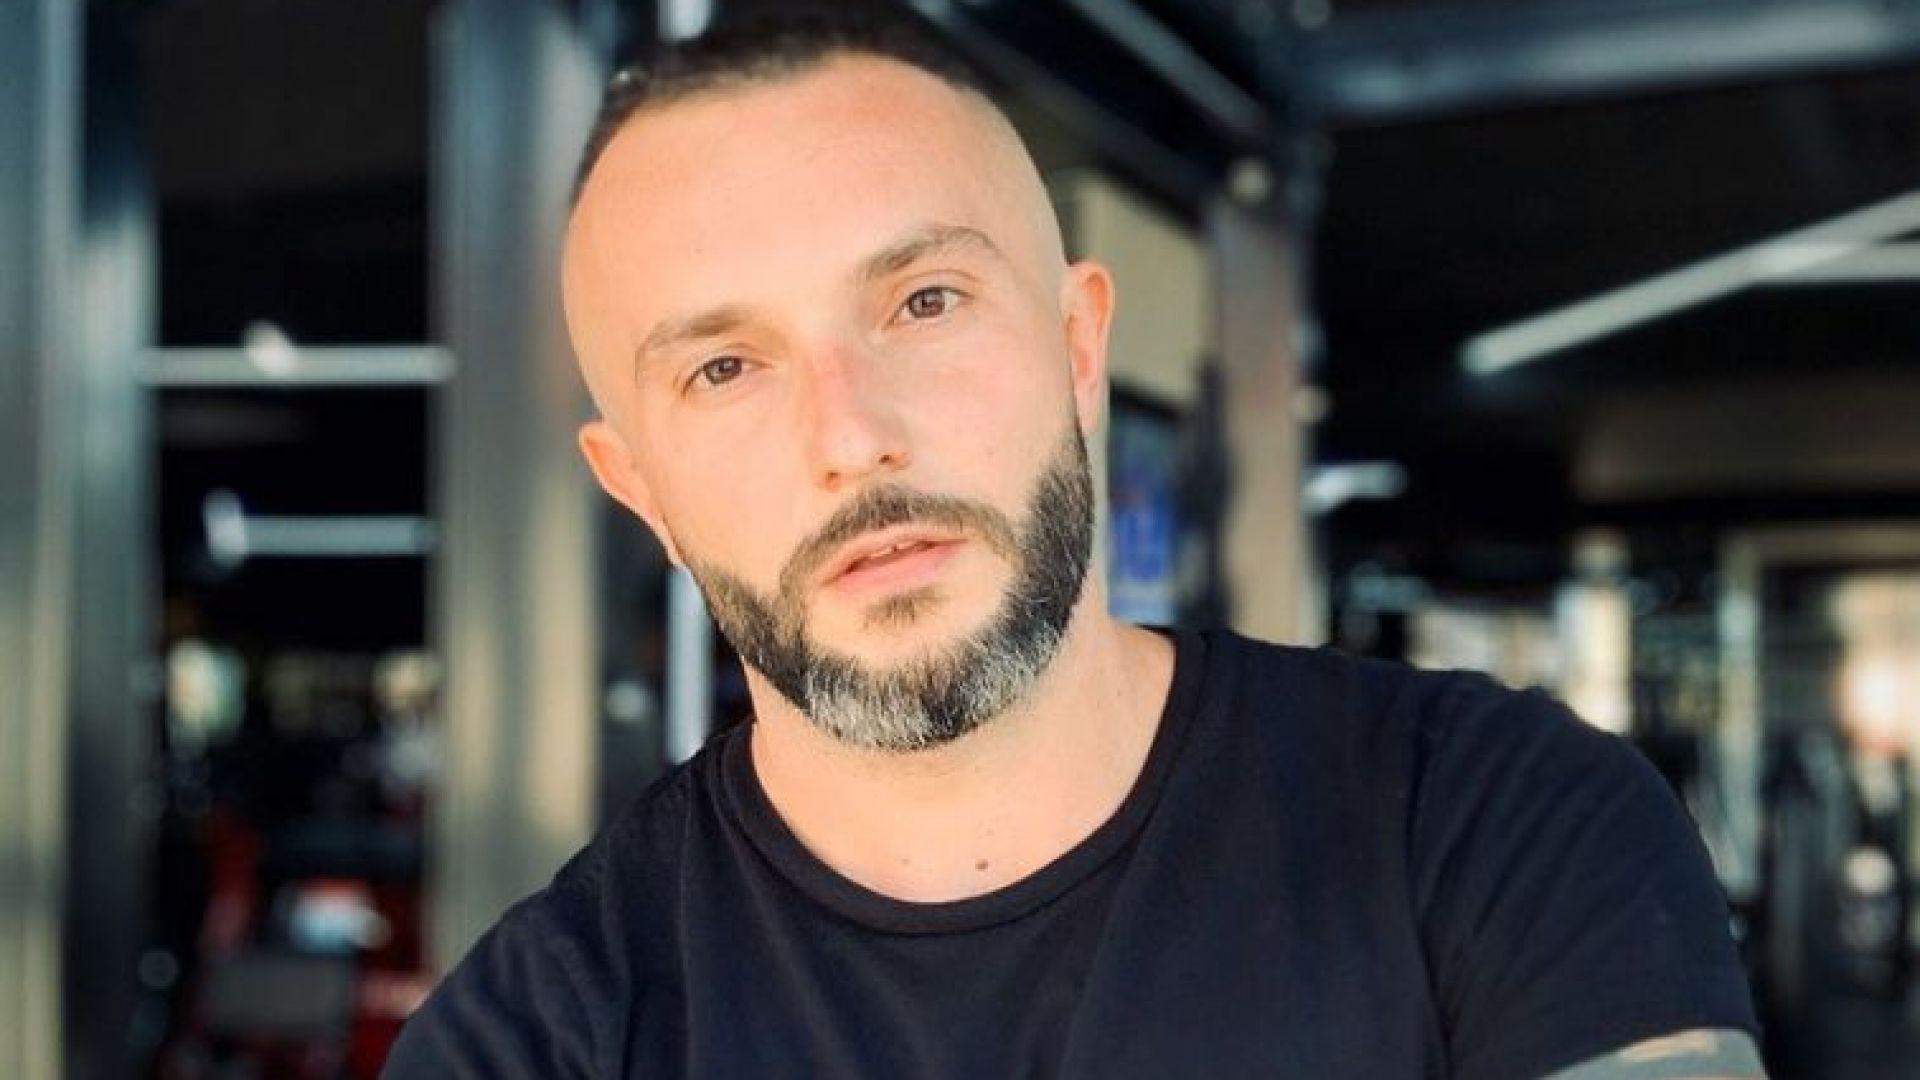 Македонският певец махна българското знаме от клипа, но го сложи на ръката си (видео)